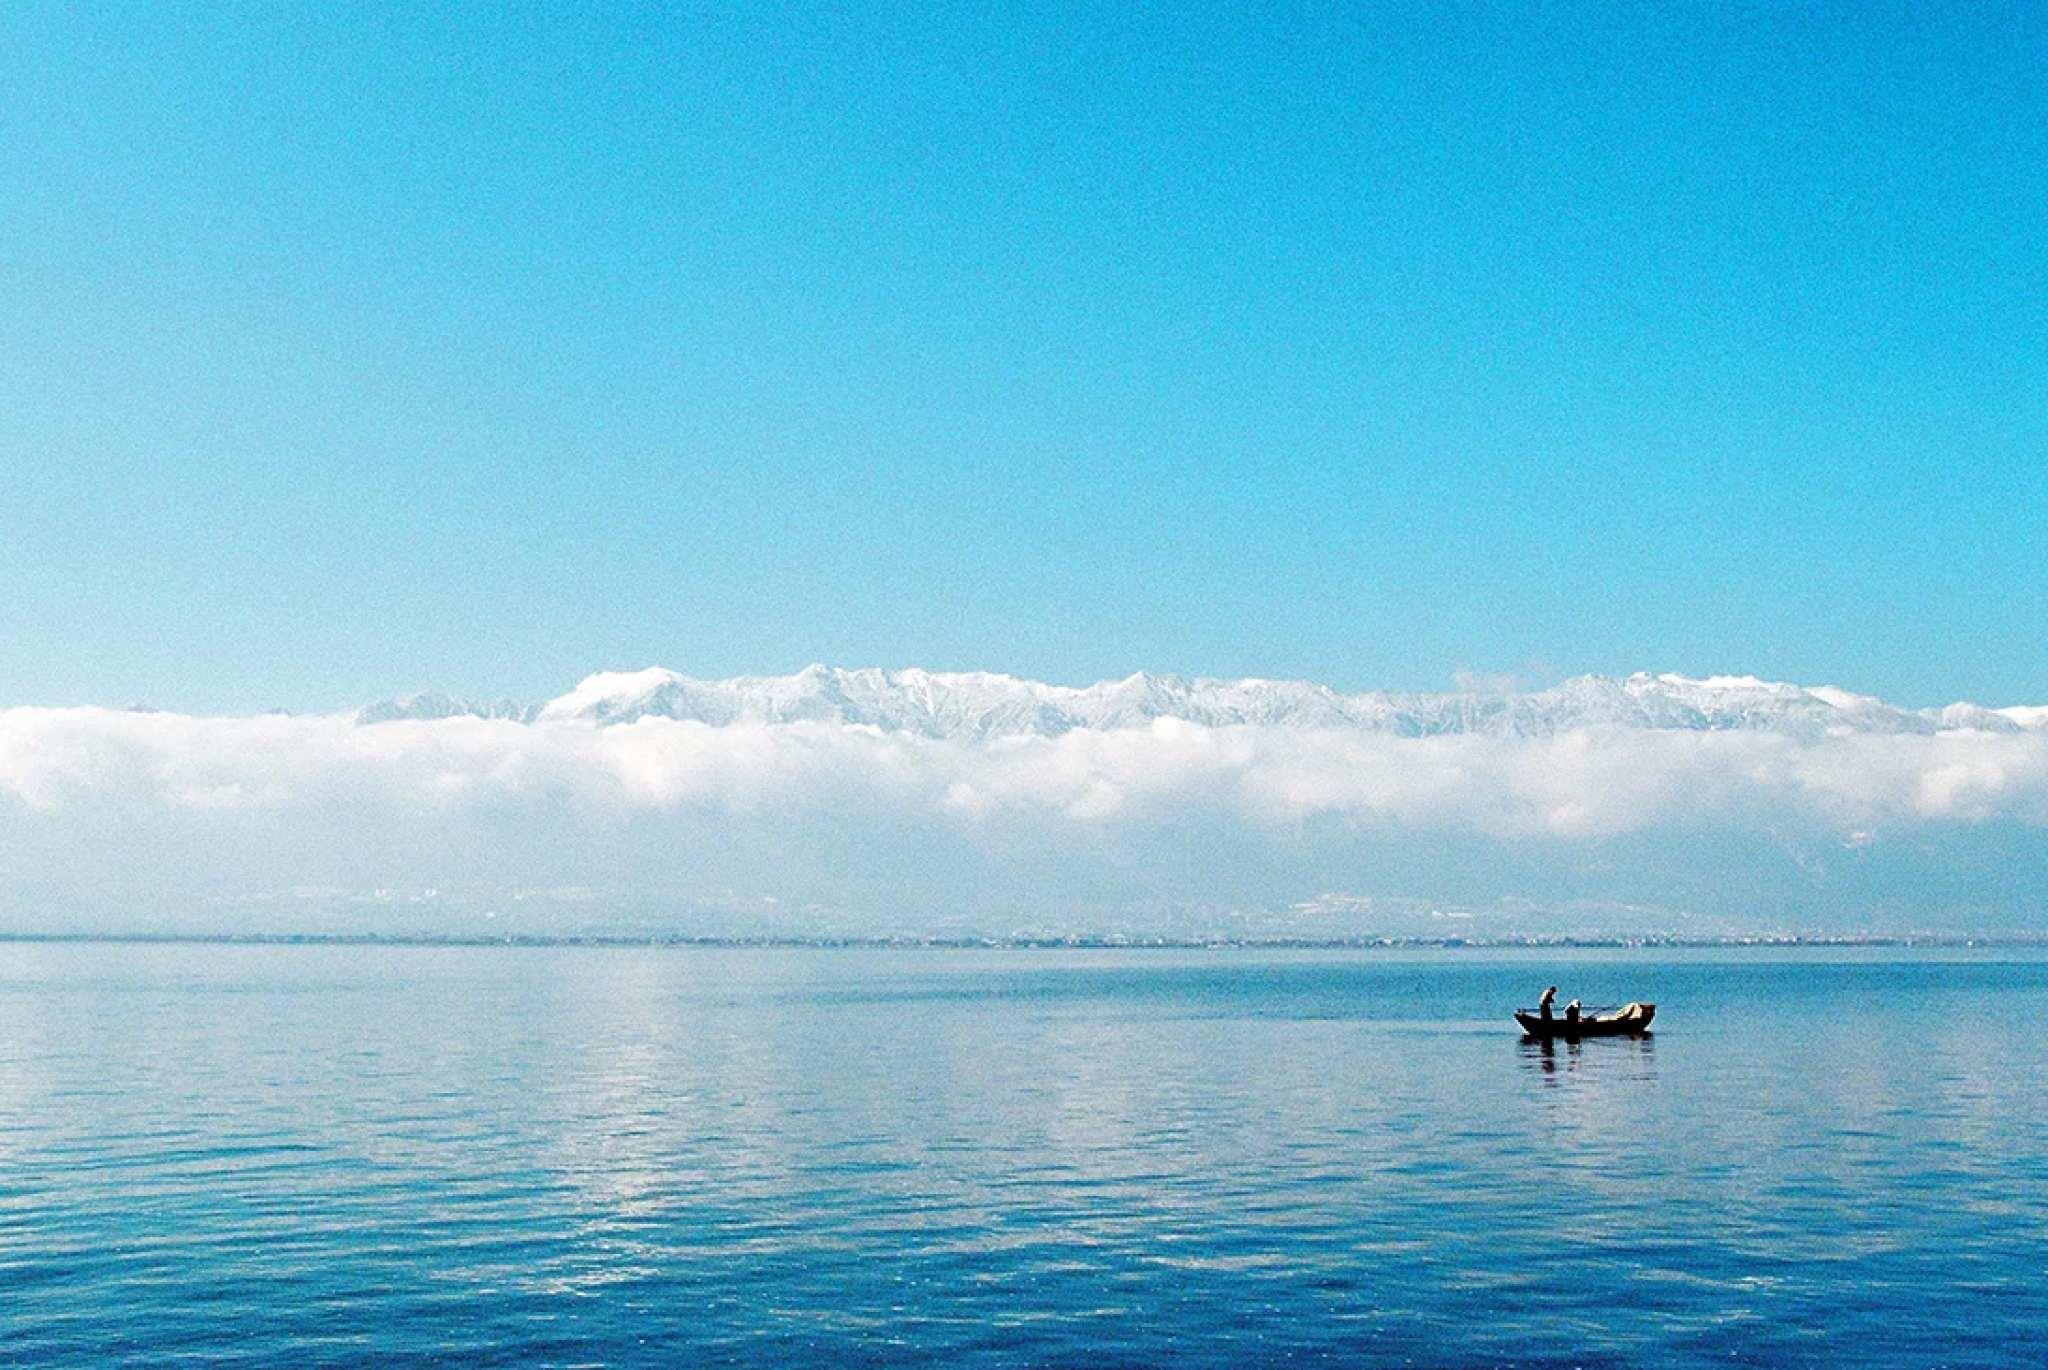 大理漫游记之苍山洱海